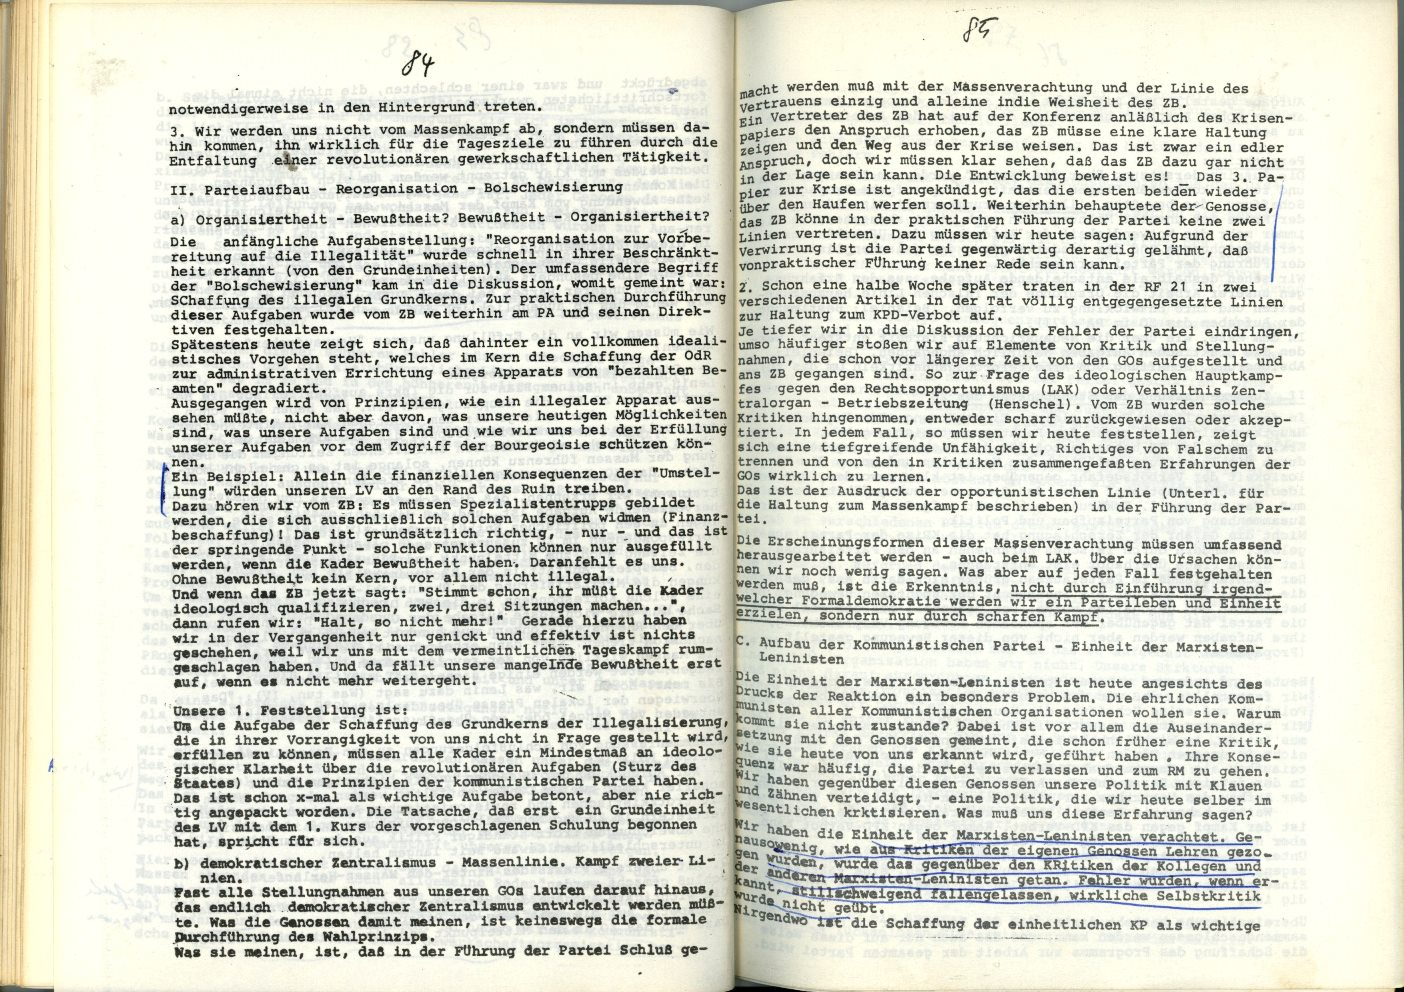 ZB_1972_Diskussionsorgan_zur_ersten_Parteikonferenz_46